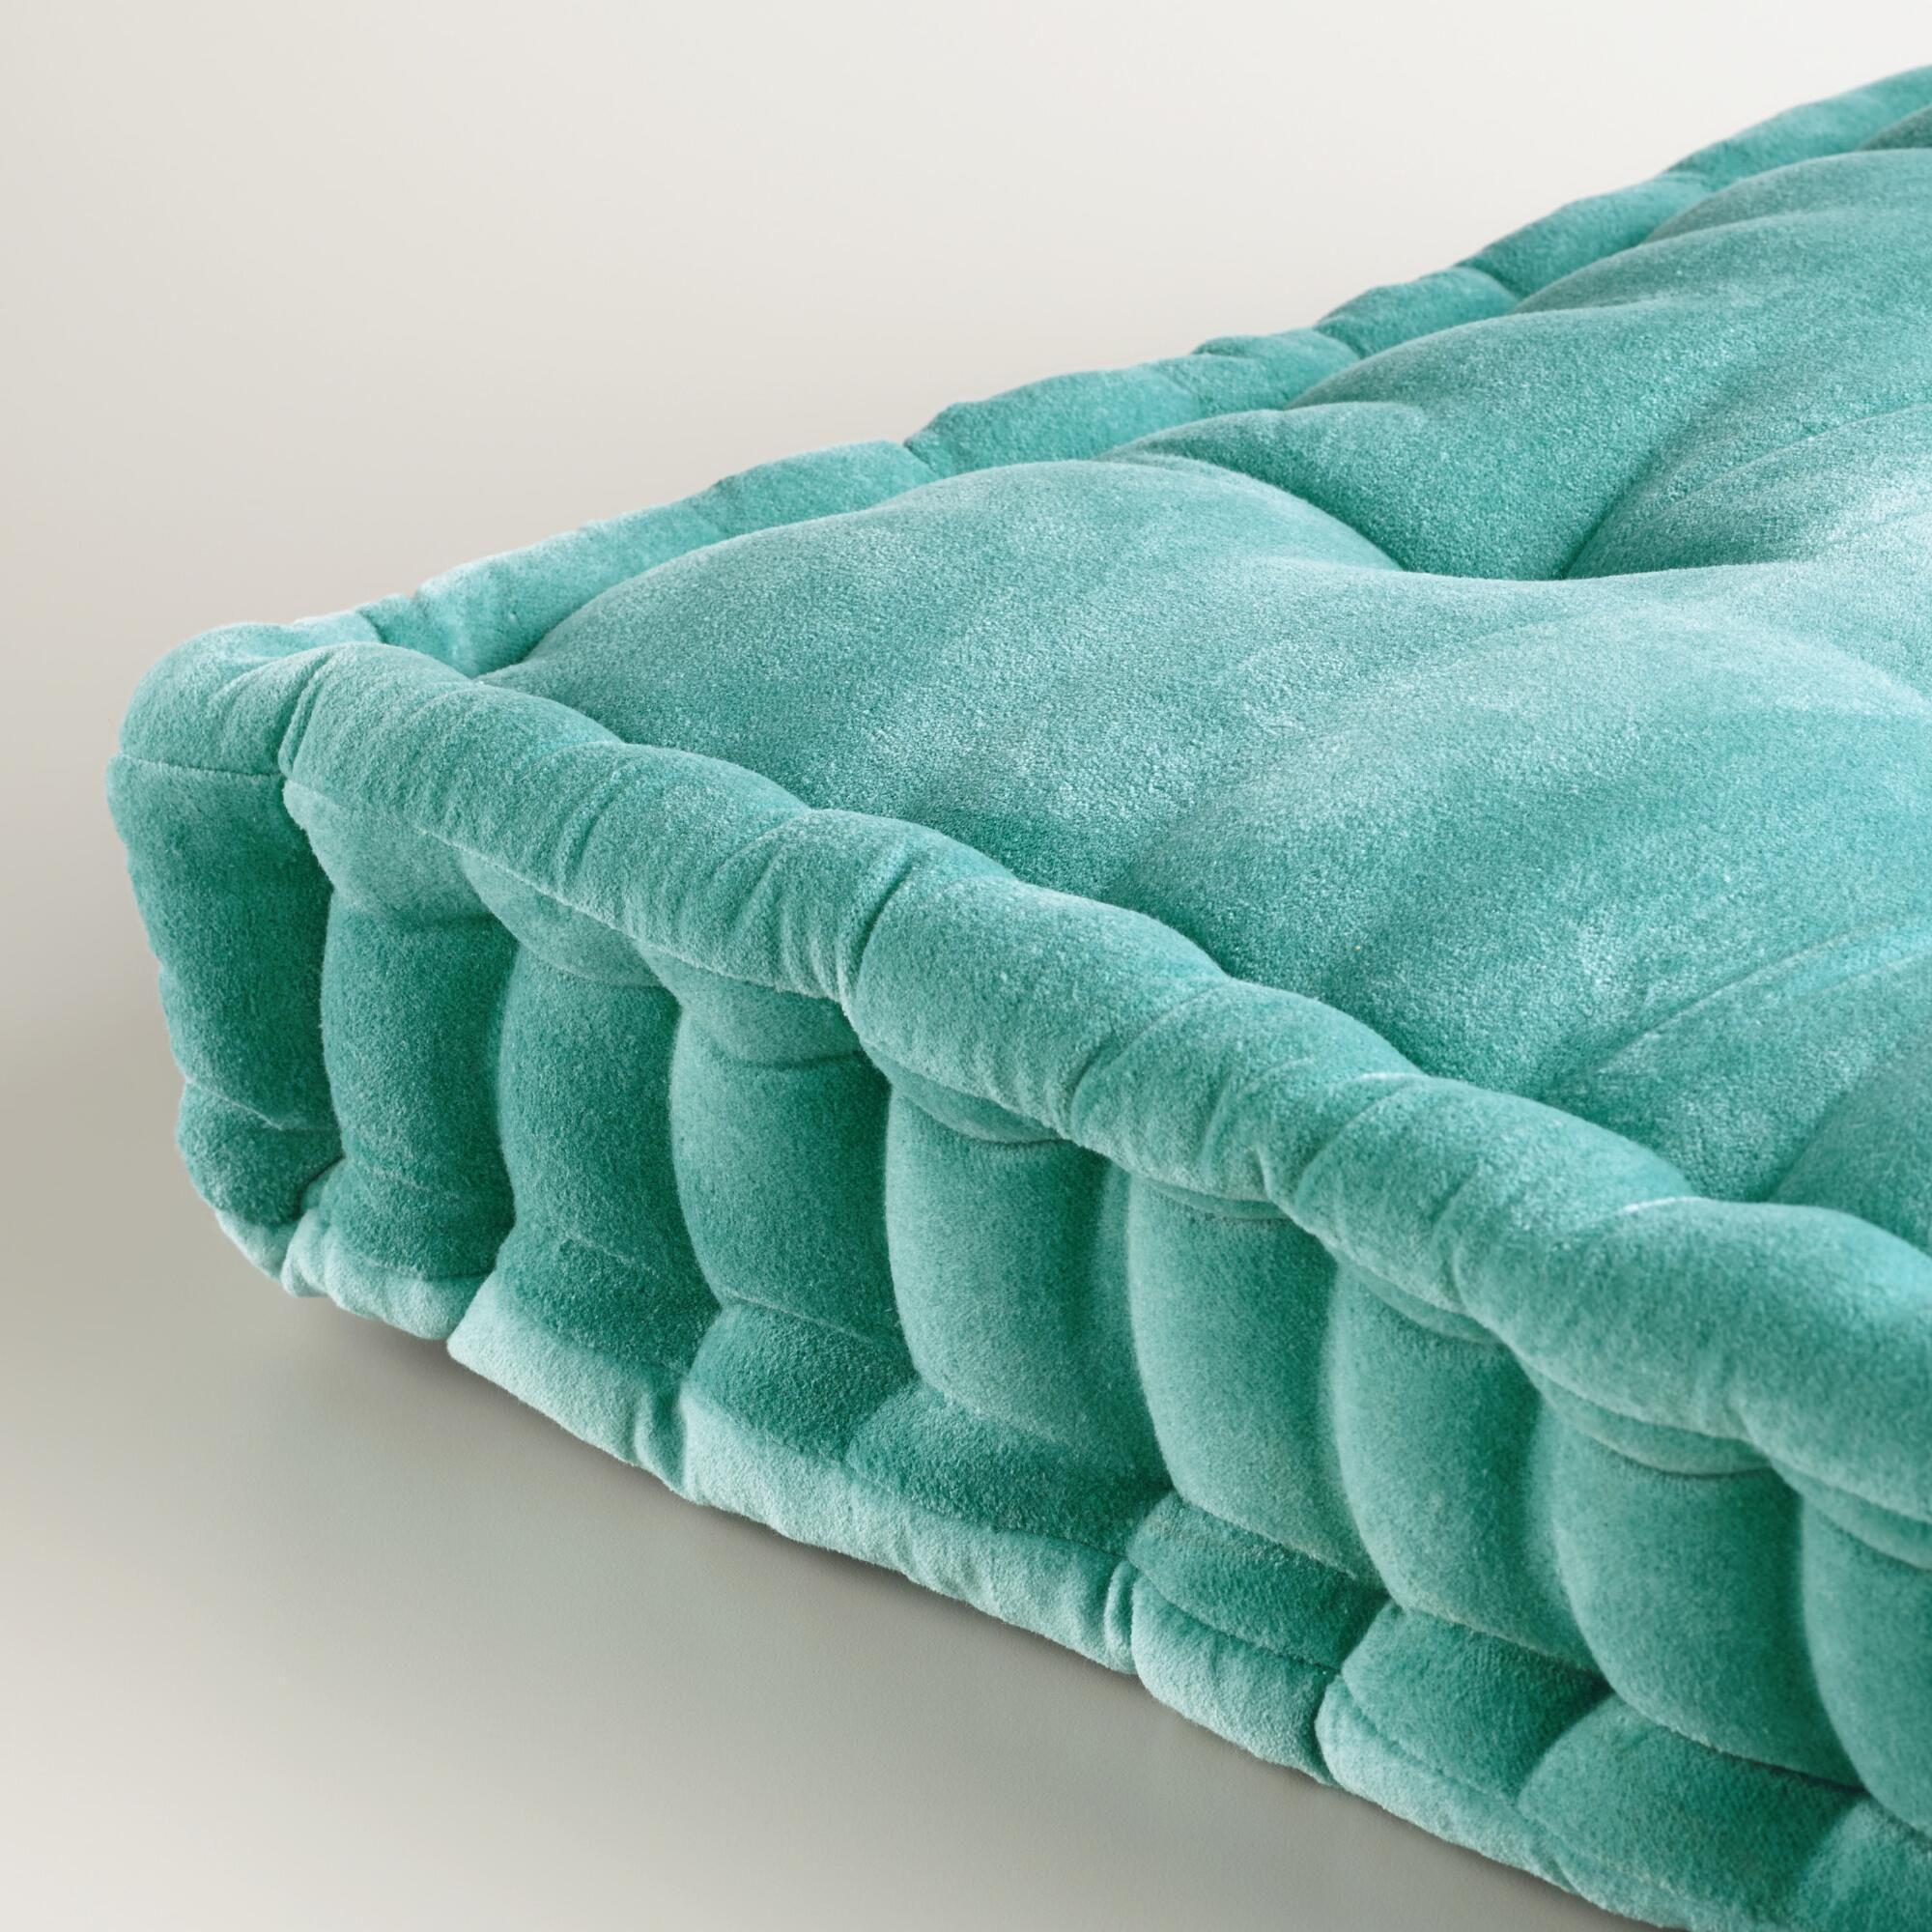 Aqua Velvet Floor Cushion World Market Velvet Everythingggggggg